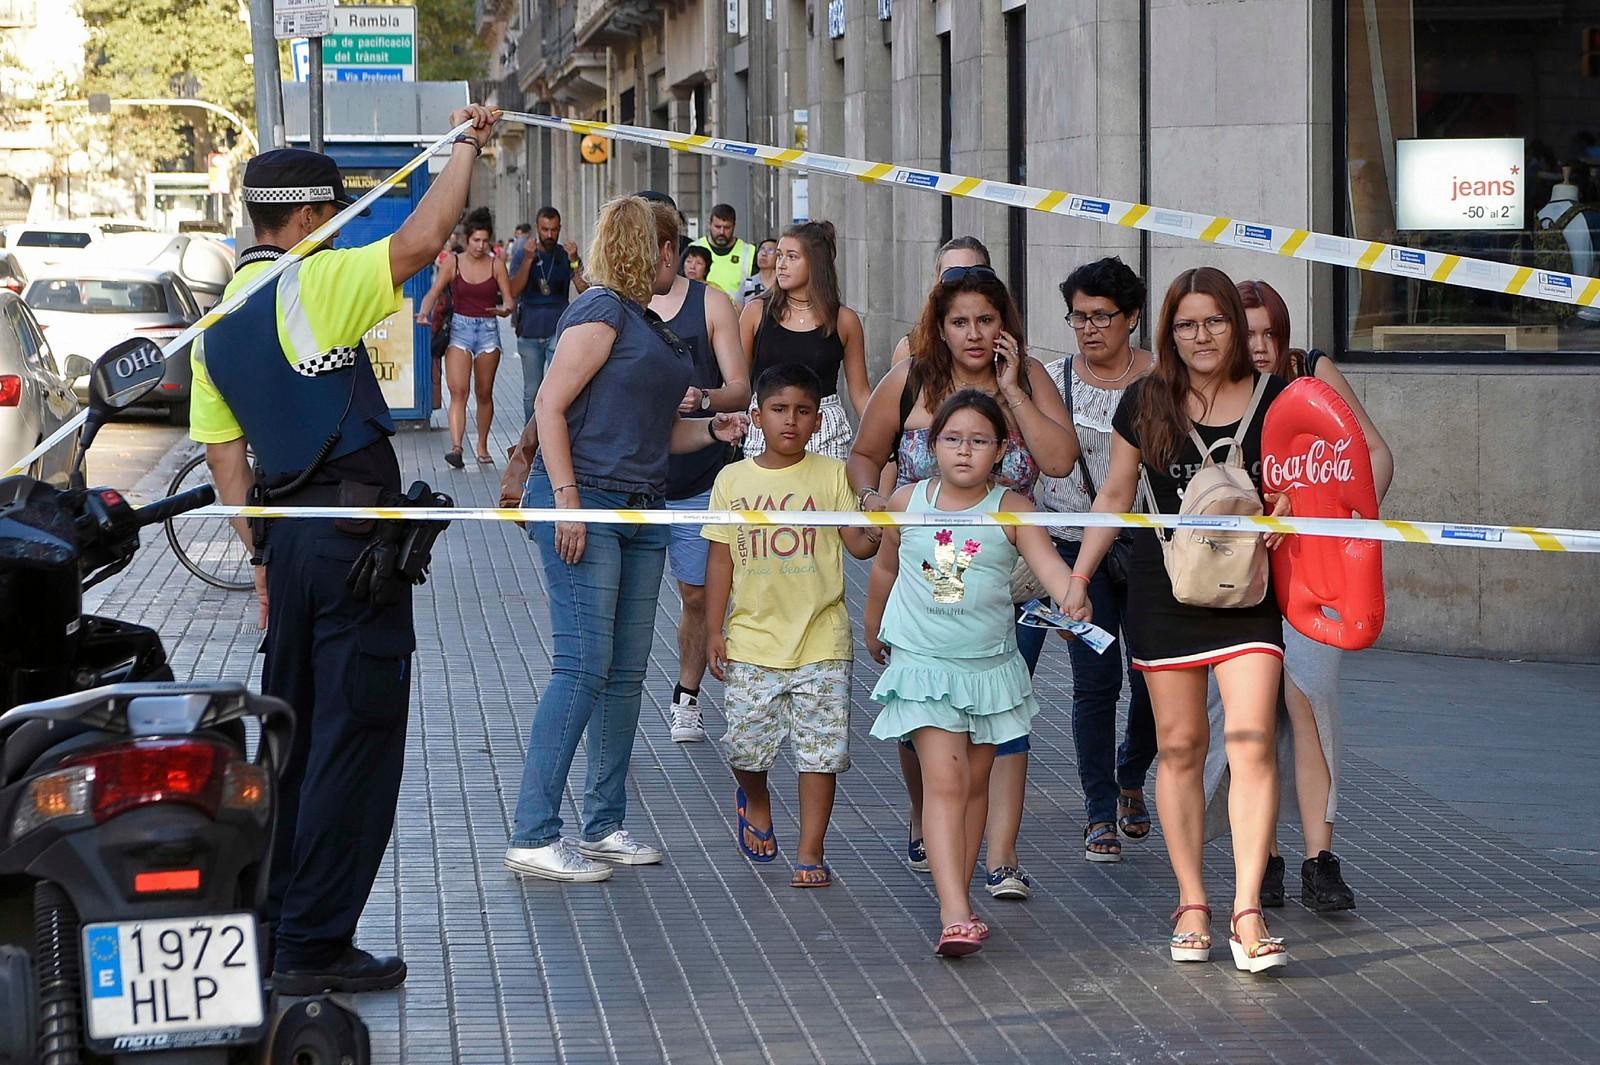 EVAKUERES: Personer evakueres fra området, etter at en varebil kjørte inn i en folkemengde i Las Ramblas i Barcelona.